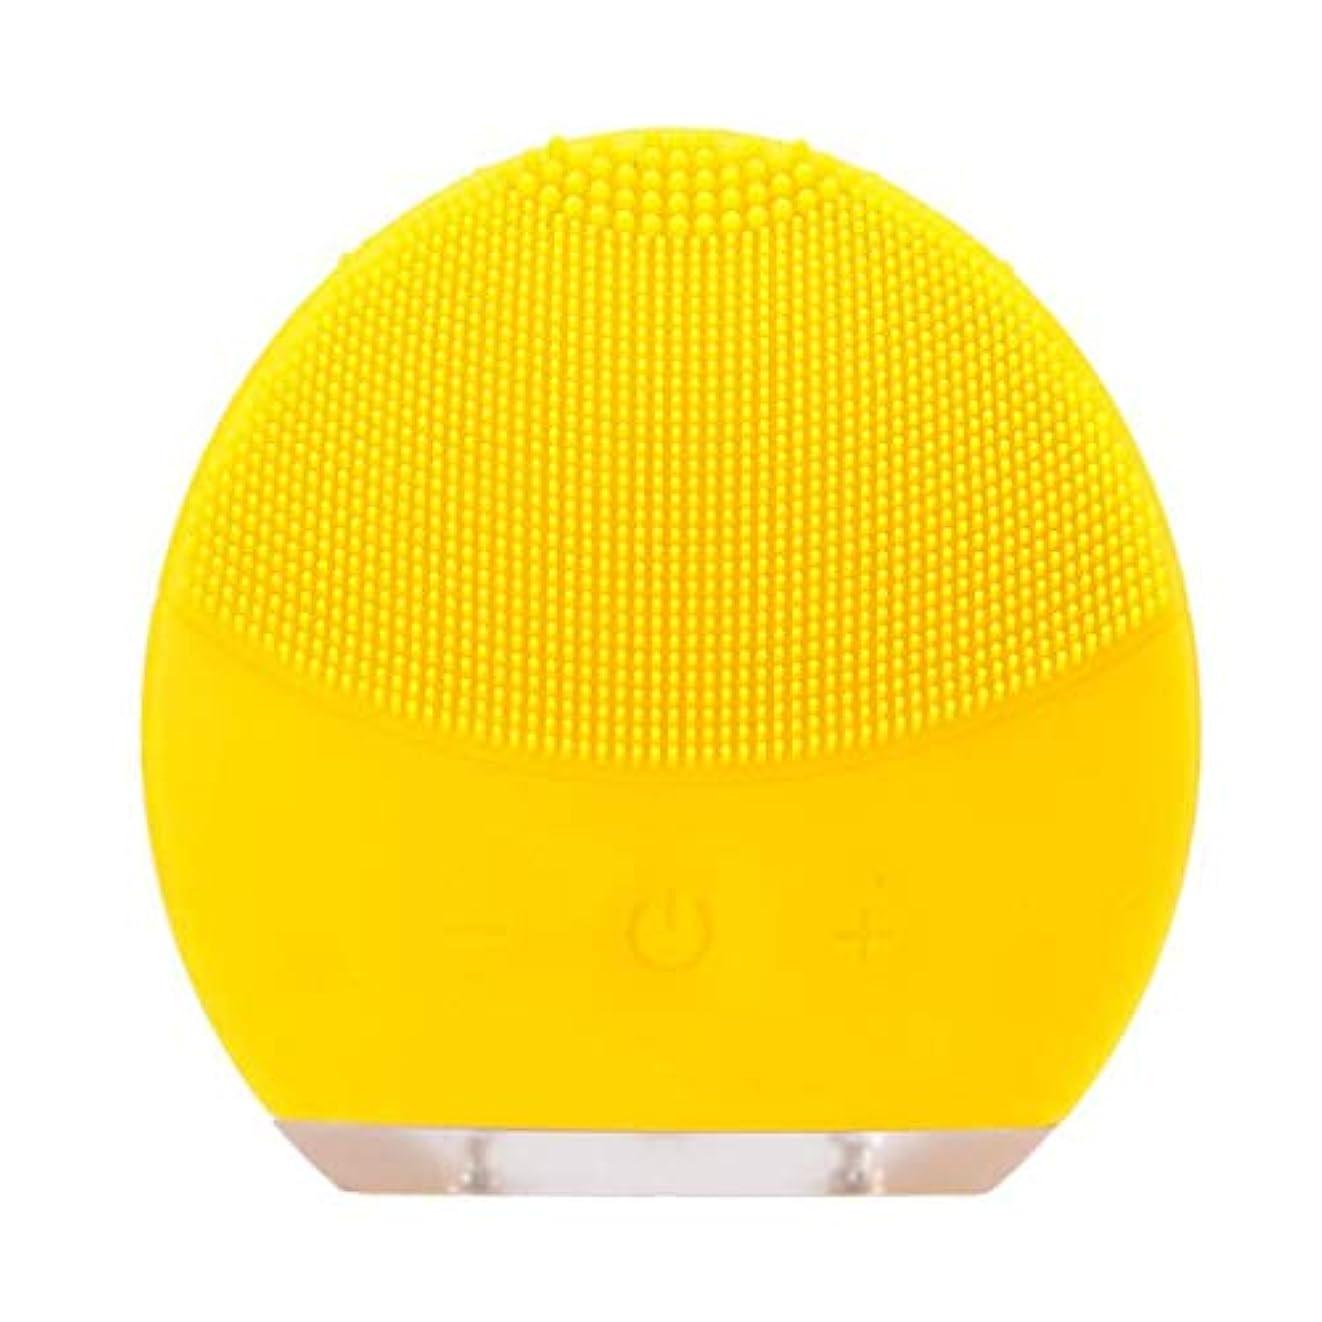 溝インペリアル無限大超音波振動美容機器洗浄器、皮膚の毛穴を最小限に抑えるマイクロダーマブレーション毛穴、USB 充電と防水,Yellow